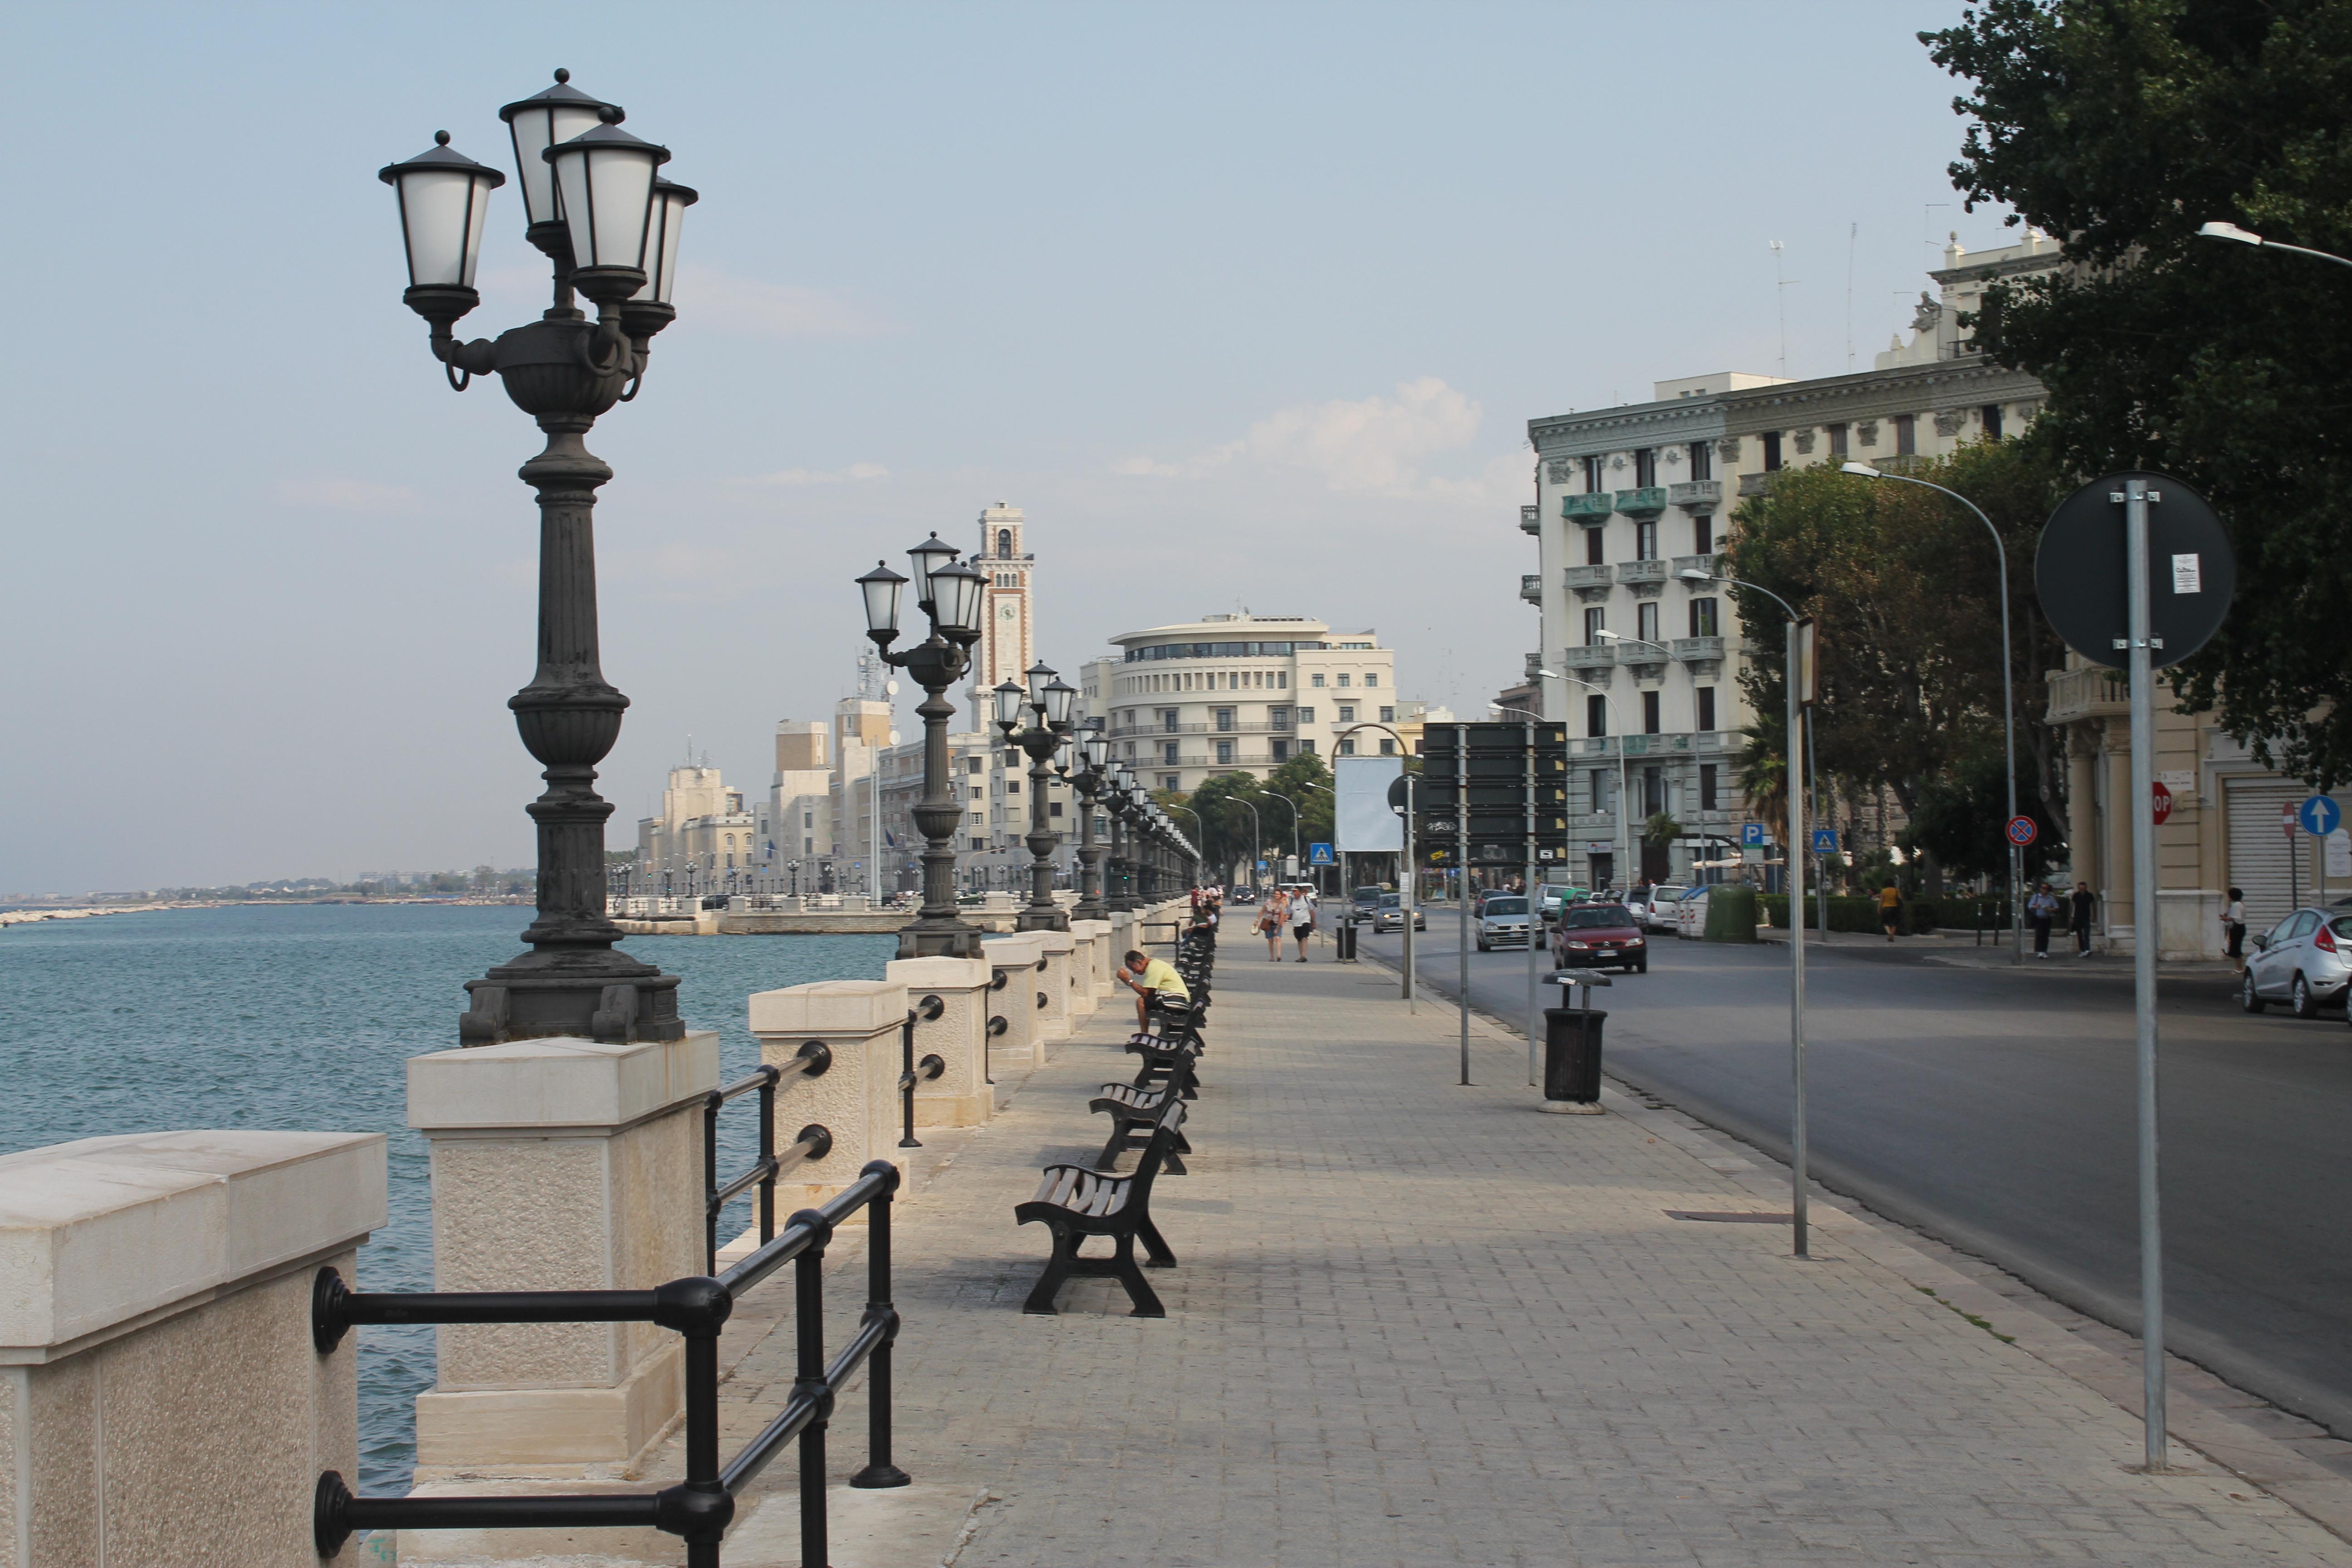 Bari Apulia Włochy zwiedzanie 2